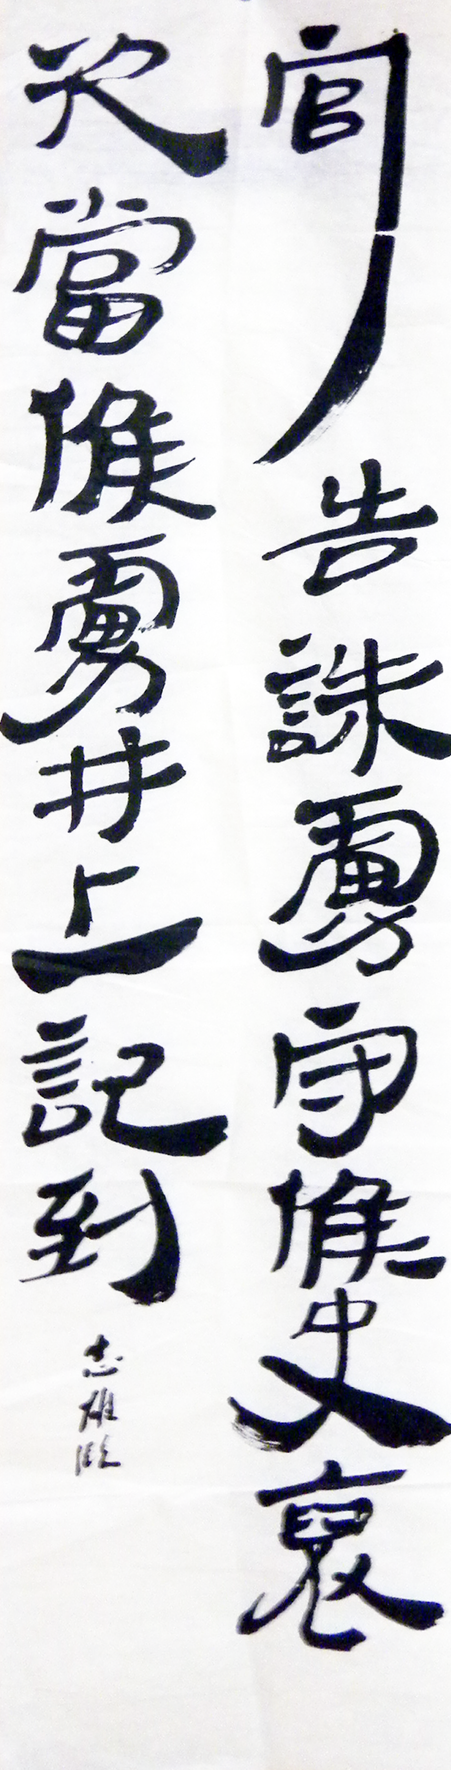 20140705 Kankan by Yuh-o